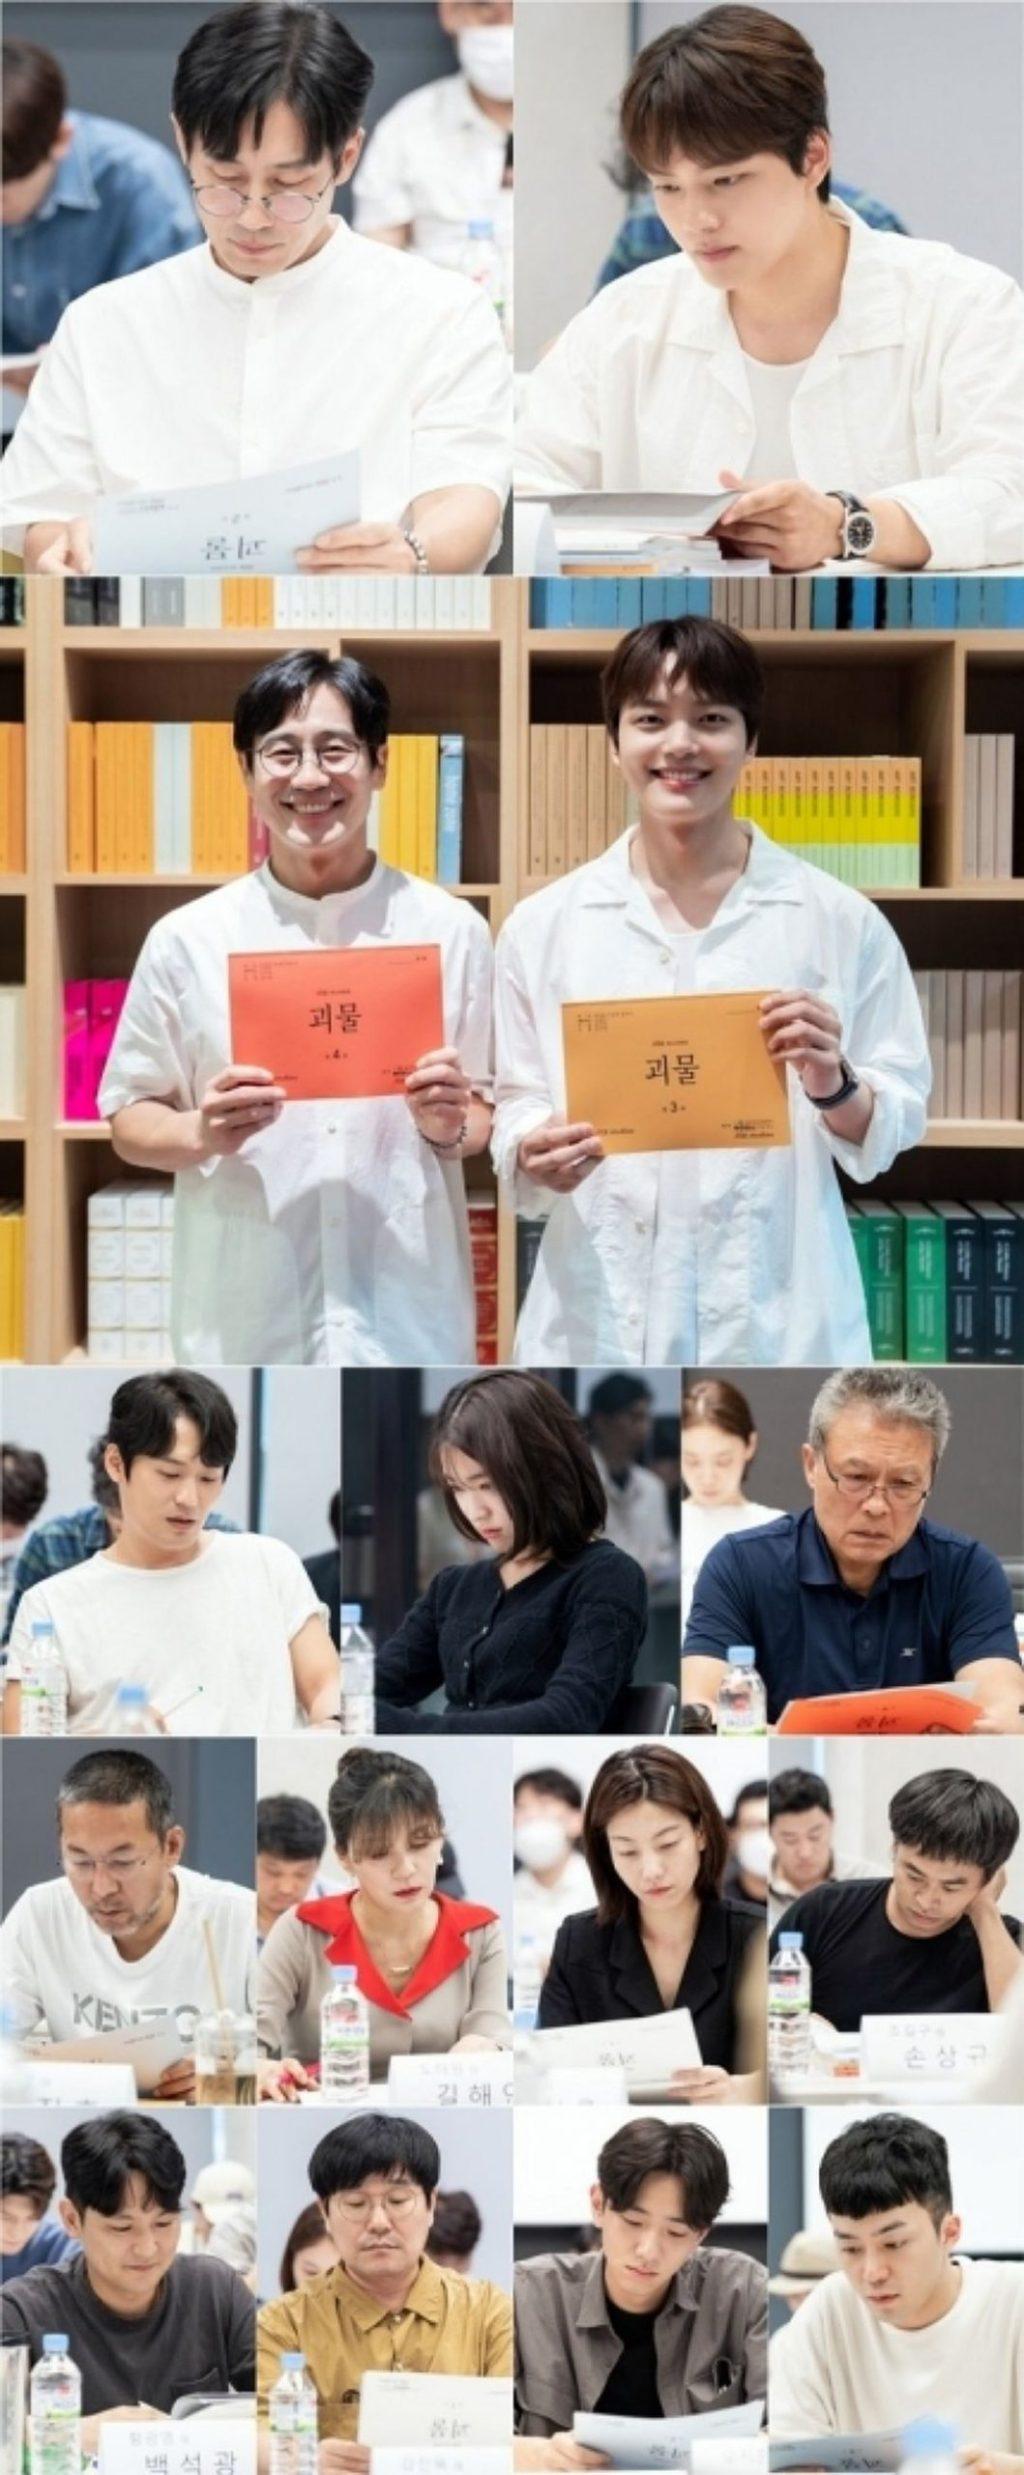 Sinopsis Dan Profil Lengkap Pemeran K-Drama Monster (Freak) Yang Siap Tayang Paruh Pertama Tahun 2021